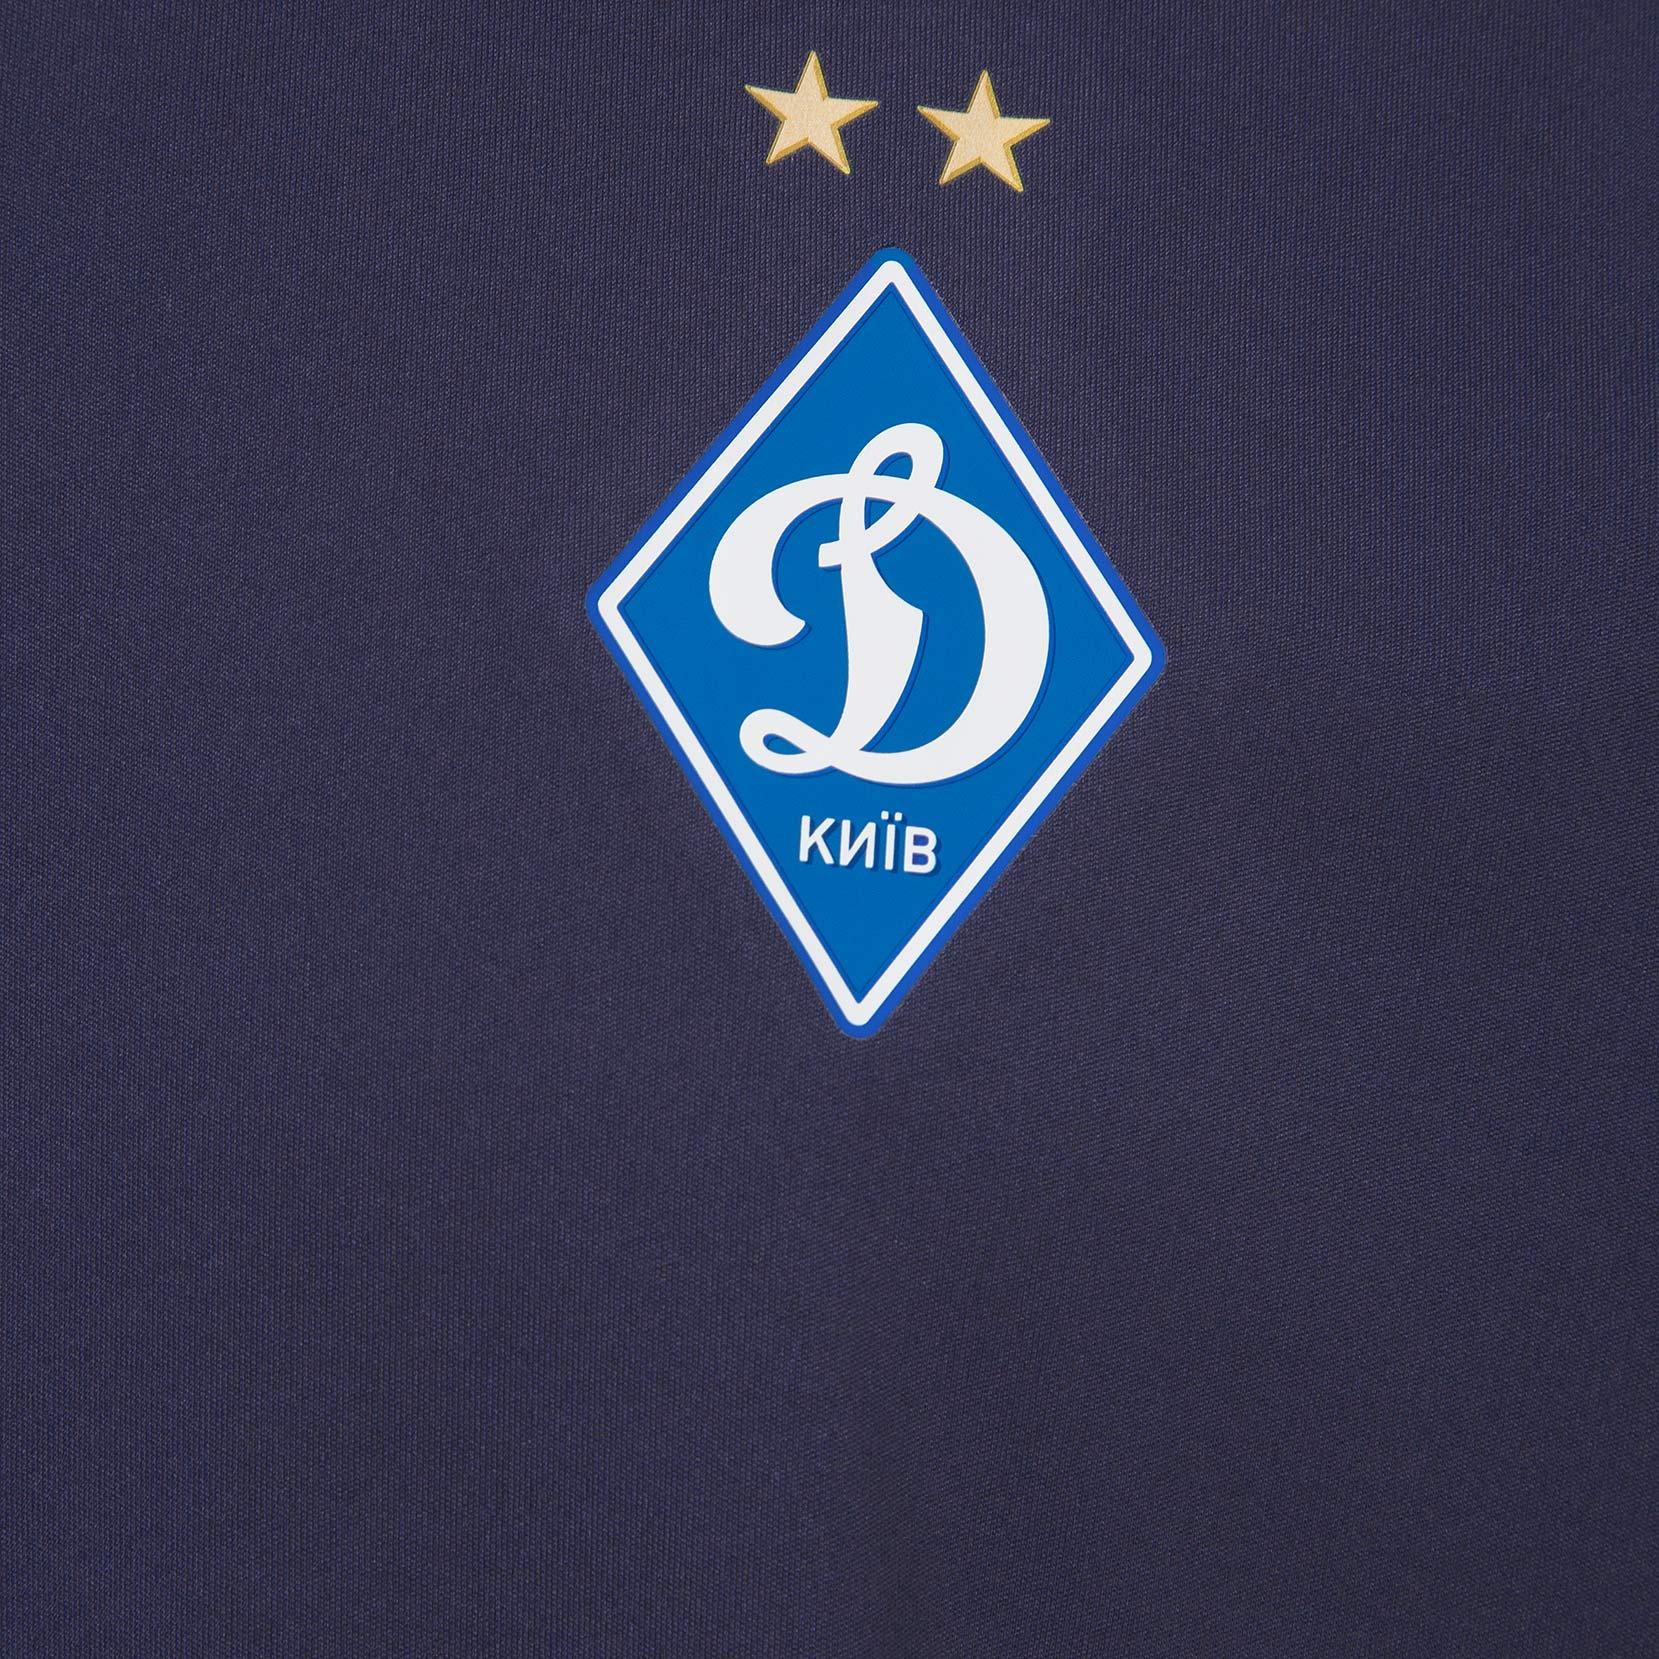 Футболка тренувальна ФК «Динамо» Київ для чоловіків MT931512NV   New Balance